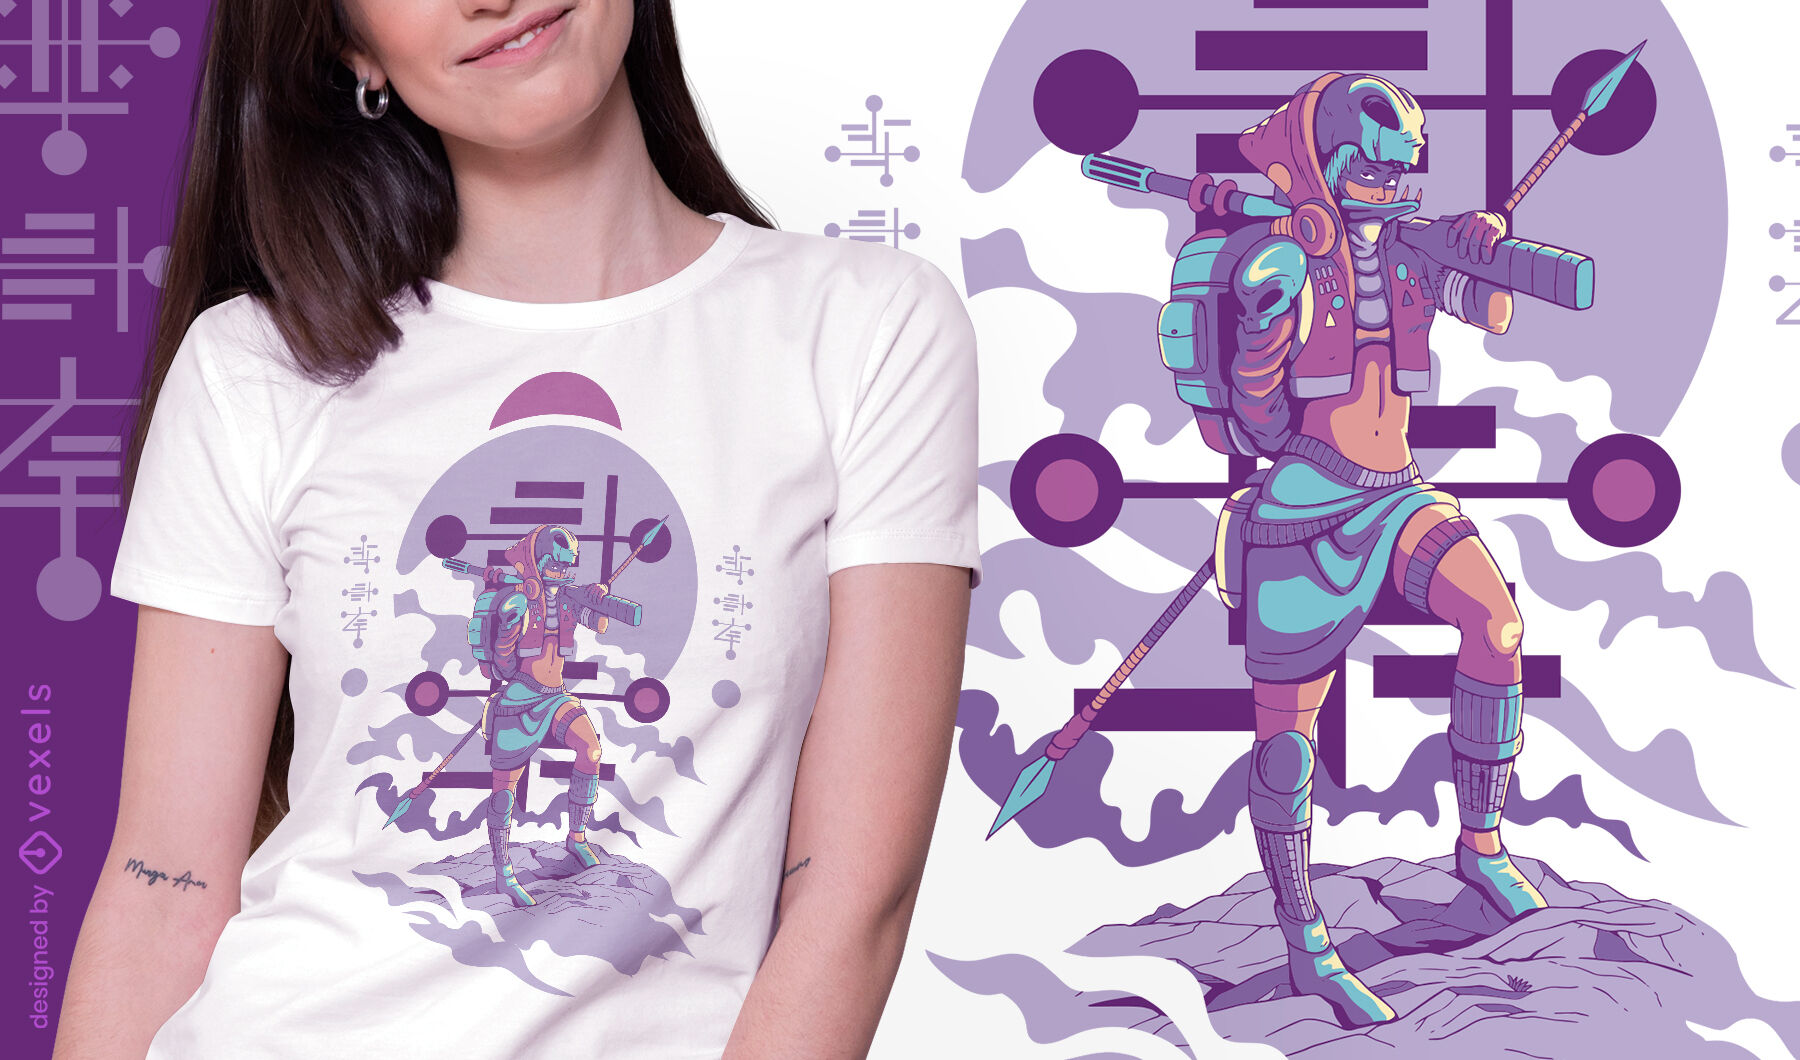 Female scavenger alien t-shirt design